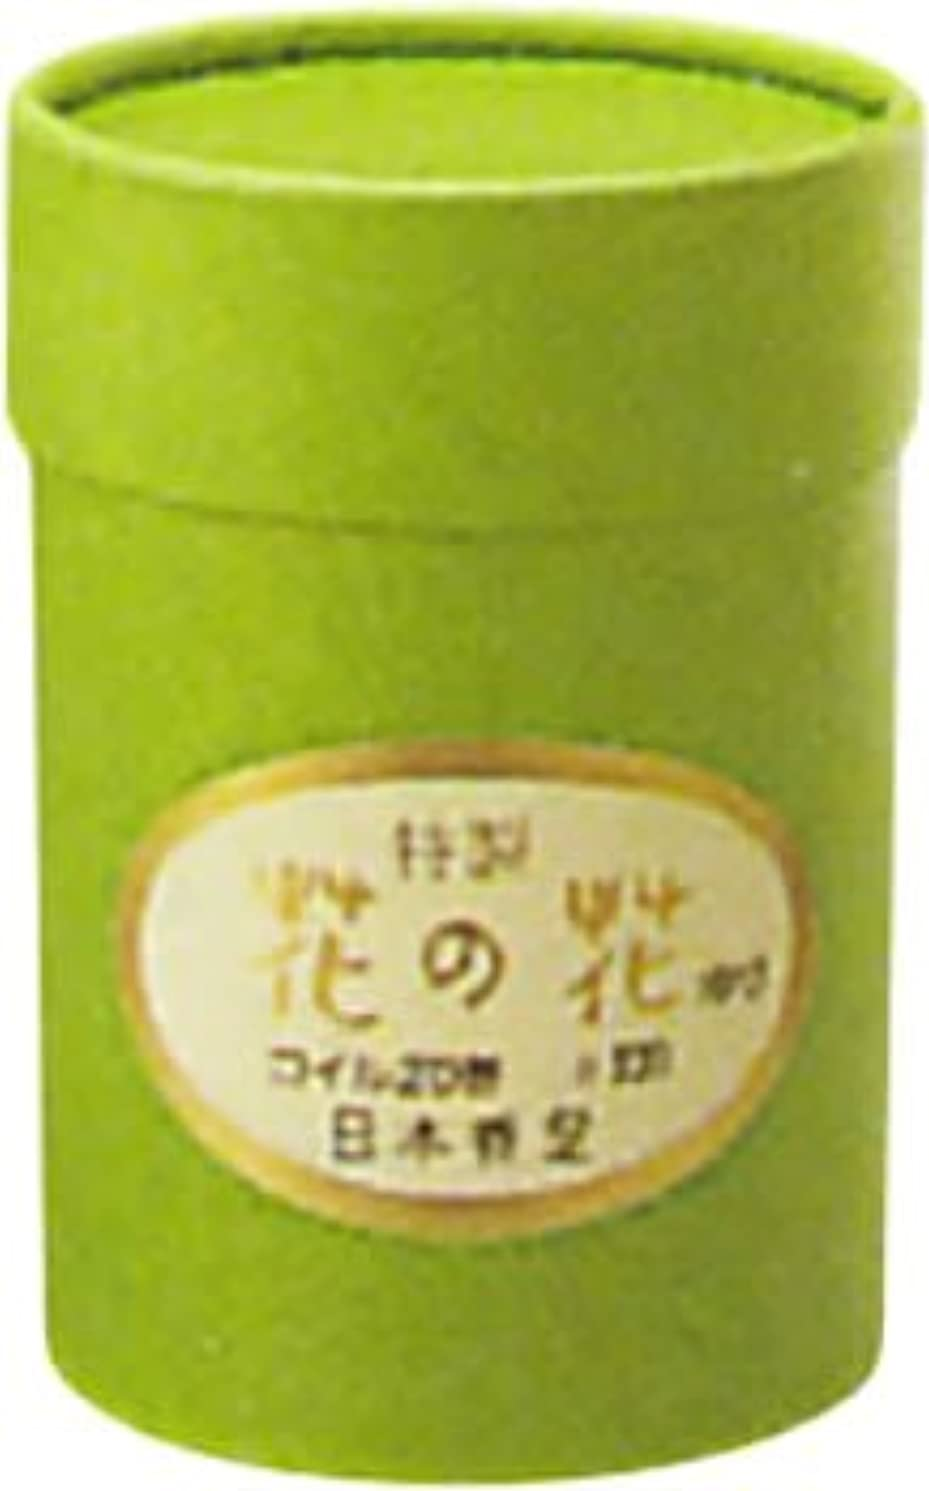 師匠軍隊瞑想的日本香堂 線香 渦巻 コイル 特製花の花 ゆり 20巻入 339